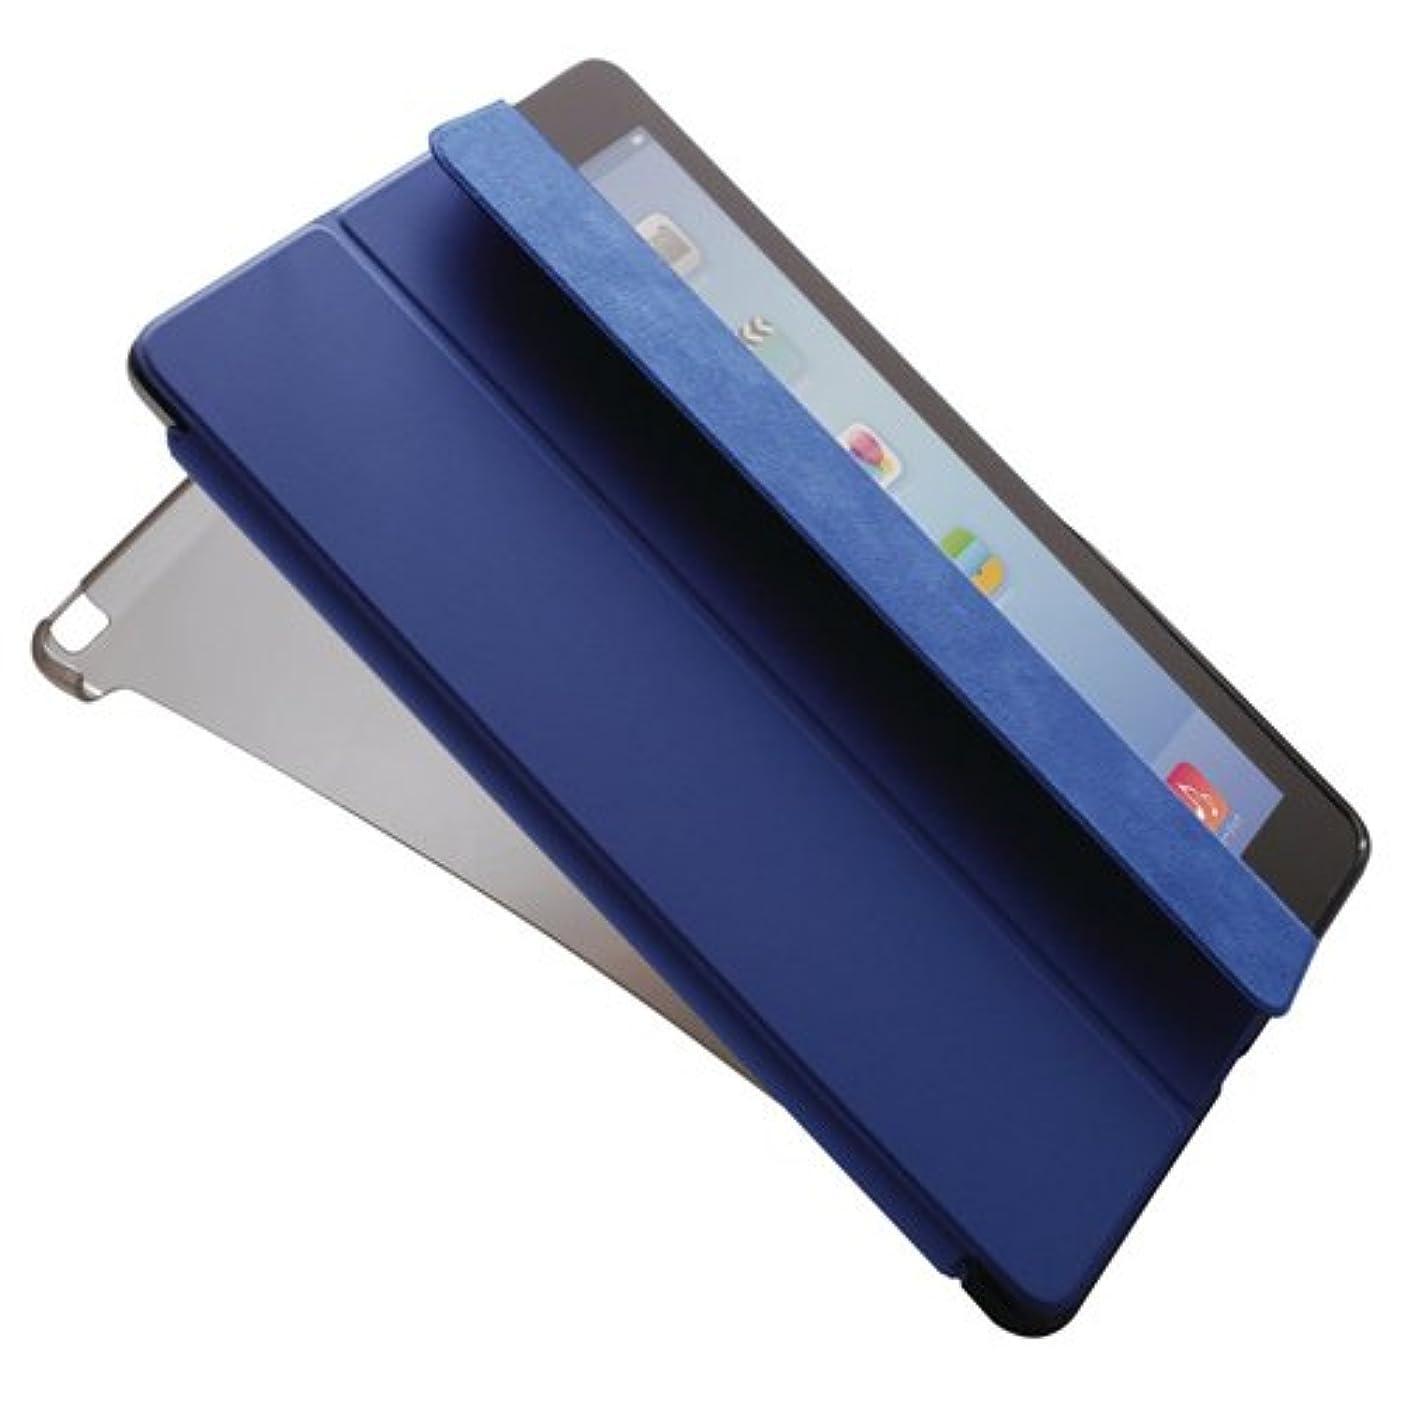 樹木哀れな間違えたELECOM iPad Air 2 ソフトケース(TPU) スマートカバー対応 ブラック TB-A14UCBK